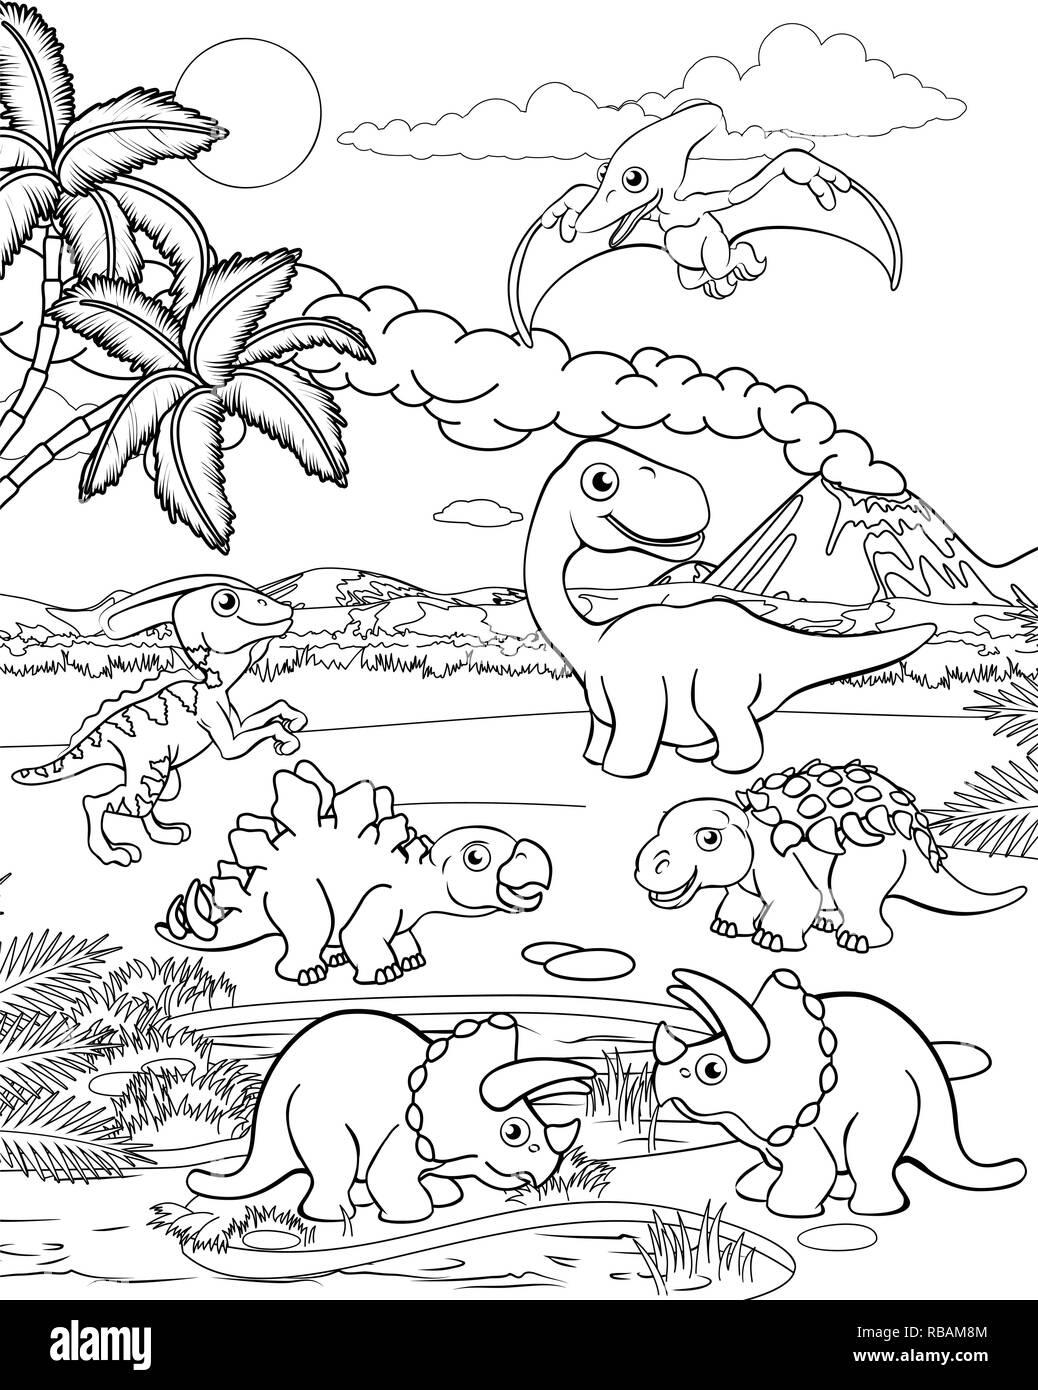 Dessin Animé Paysage Préhistorique Dinosaure Vecteurs Et